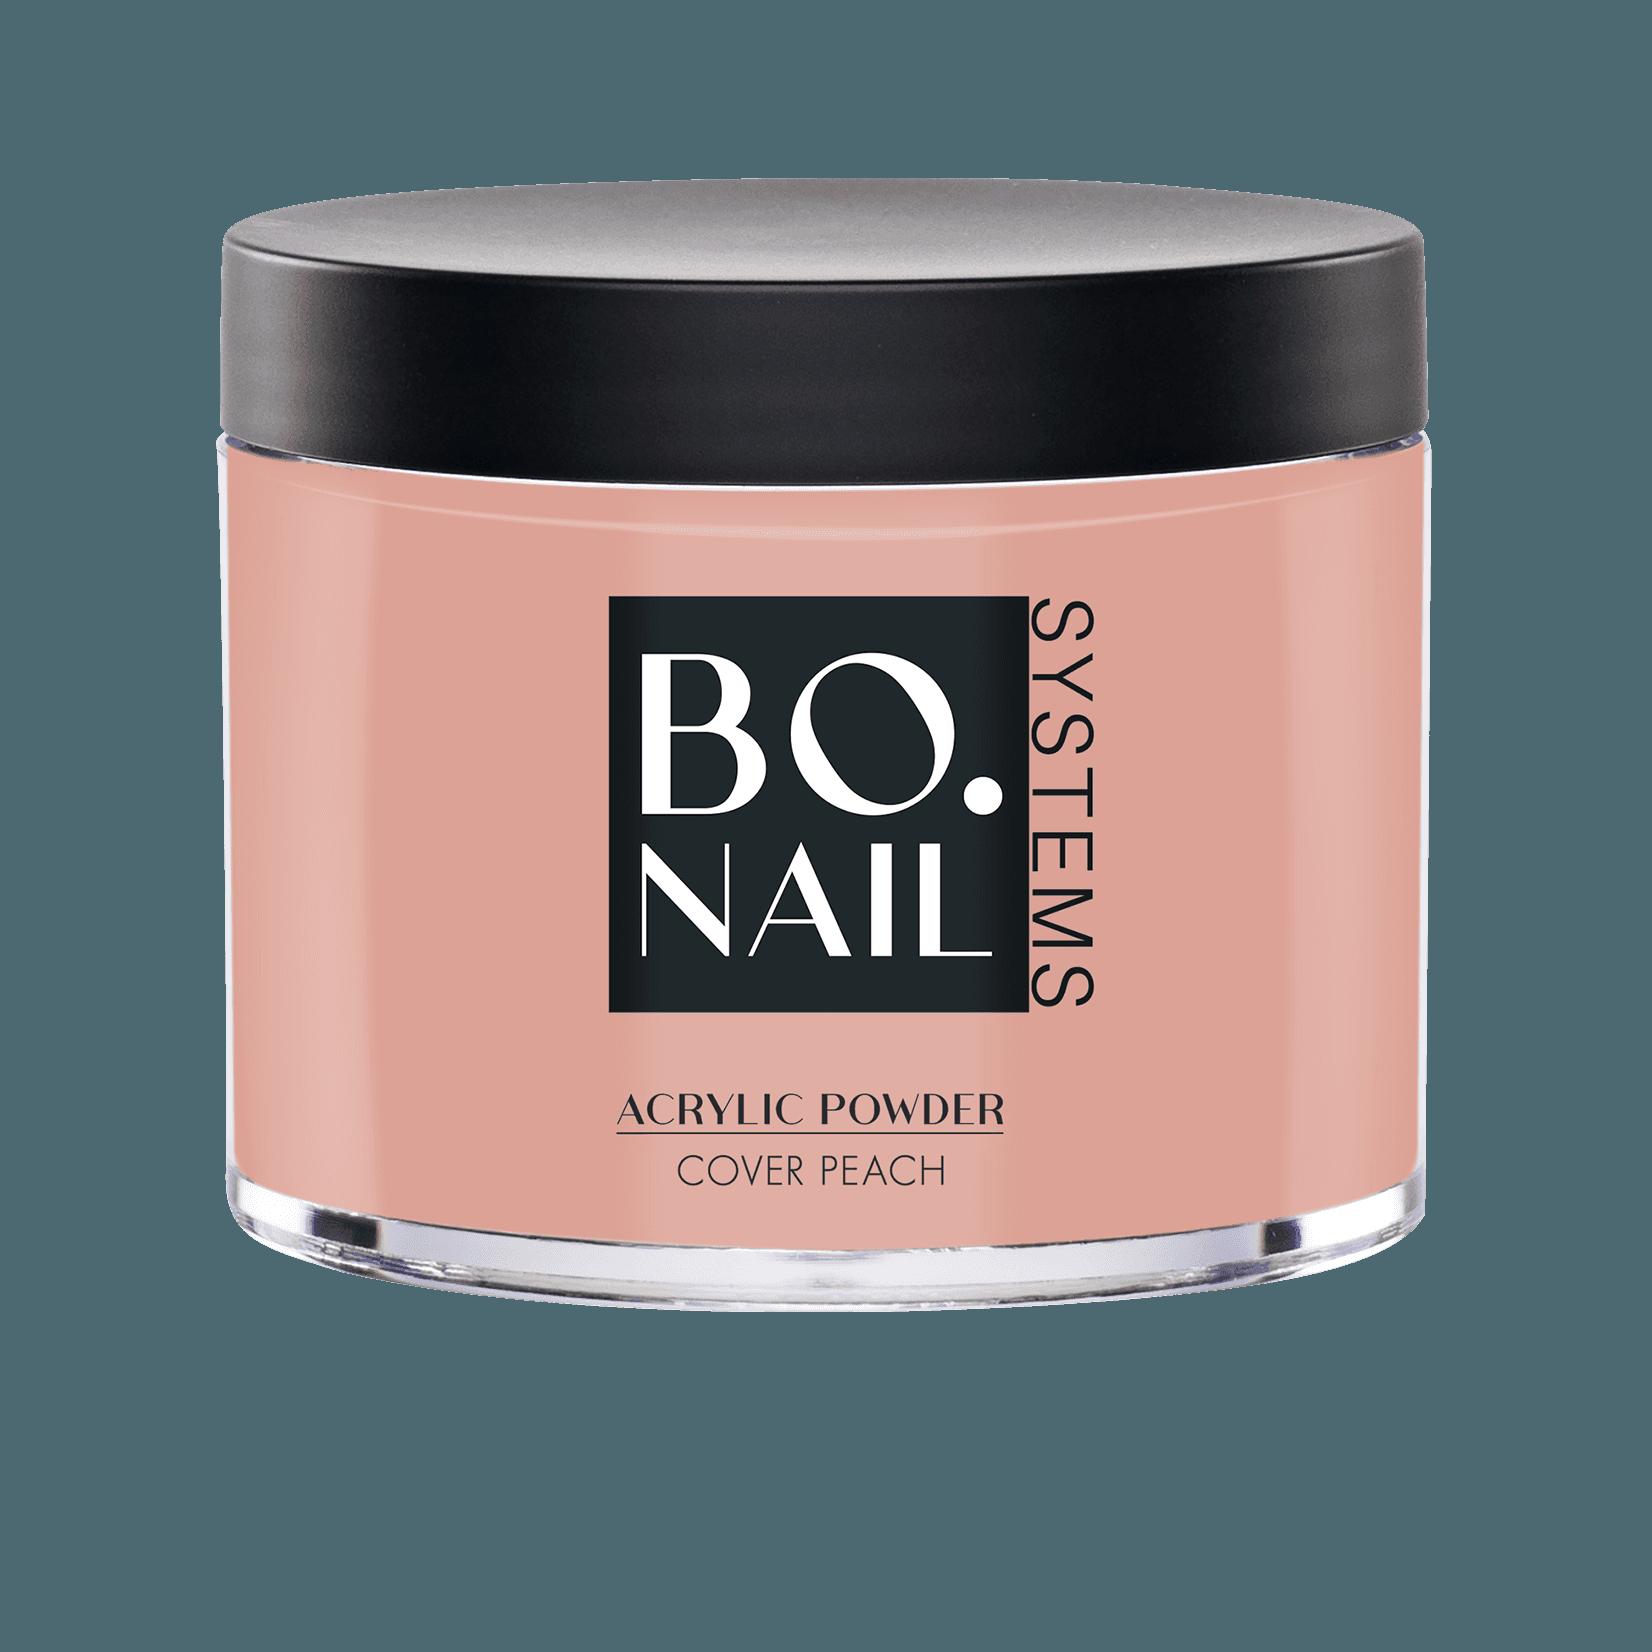 BO Acrylic Powder 100gr - Cover Peach